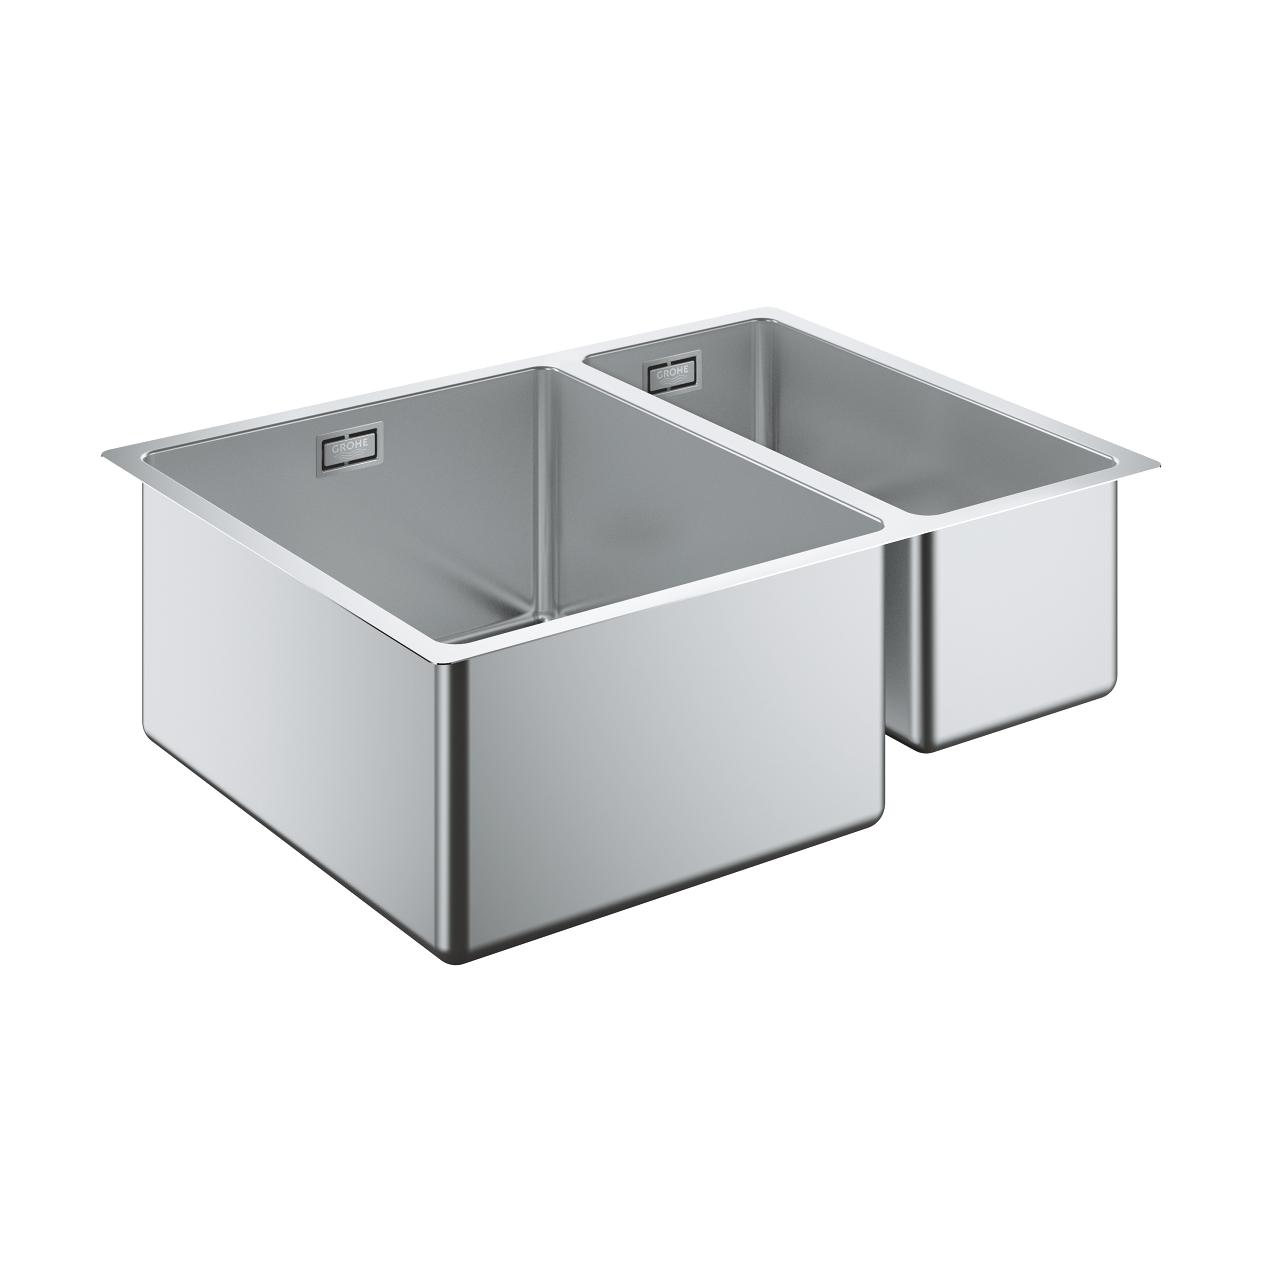 Фото - Кухонная мойка Grohe K700U 31577SD060-S 58,5/44 1.5 из нержавеющей стали, 1,5 чаши, основная чаша слева, монтаж под столешницу